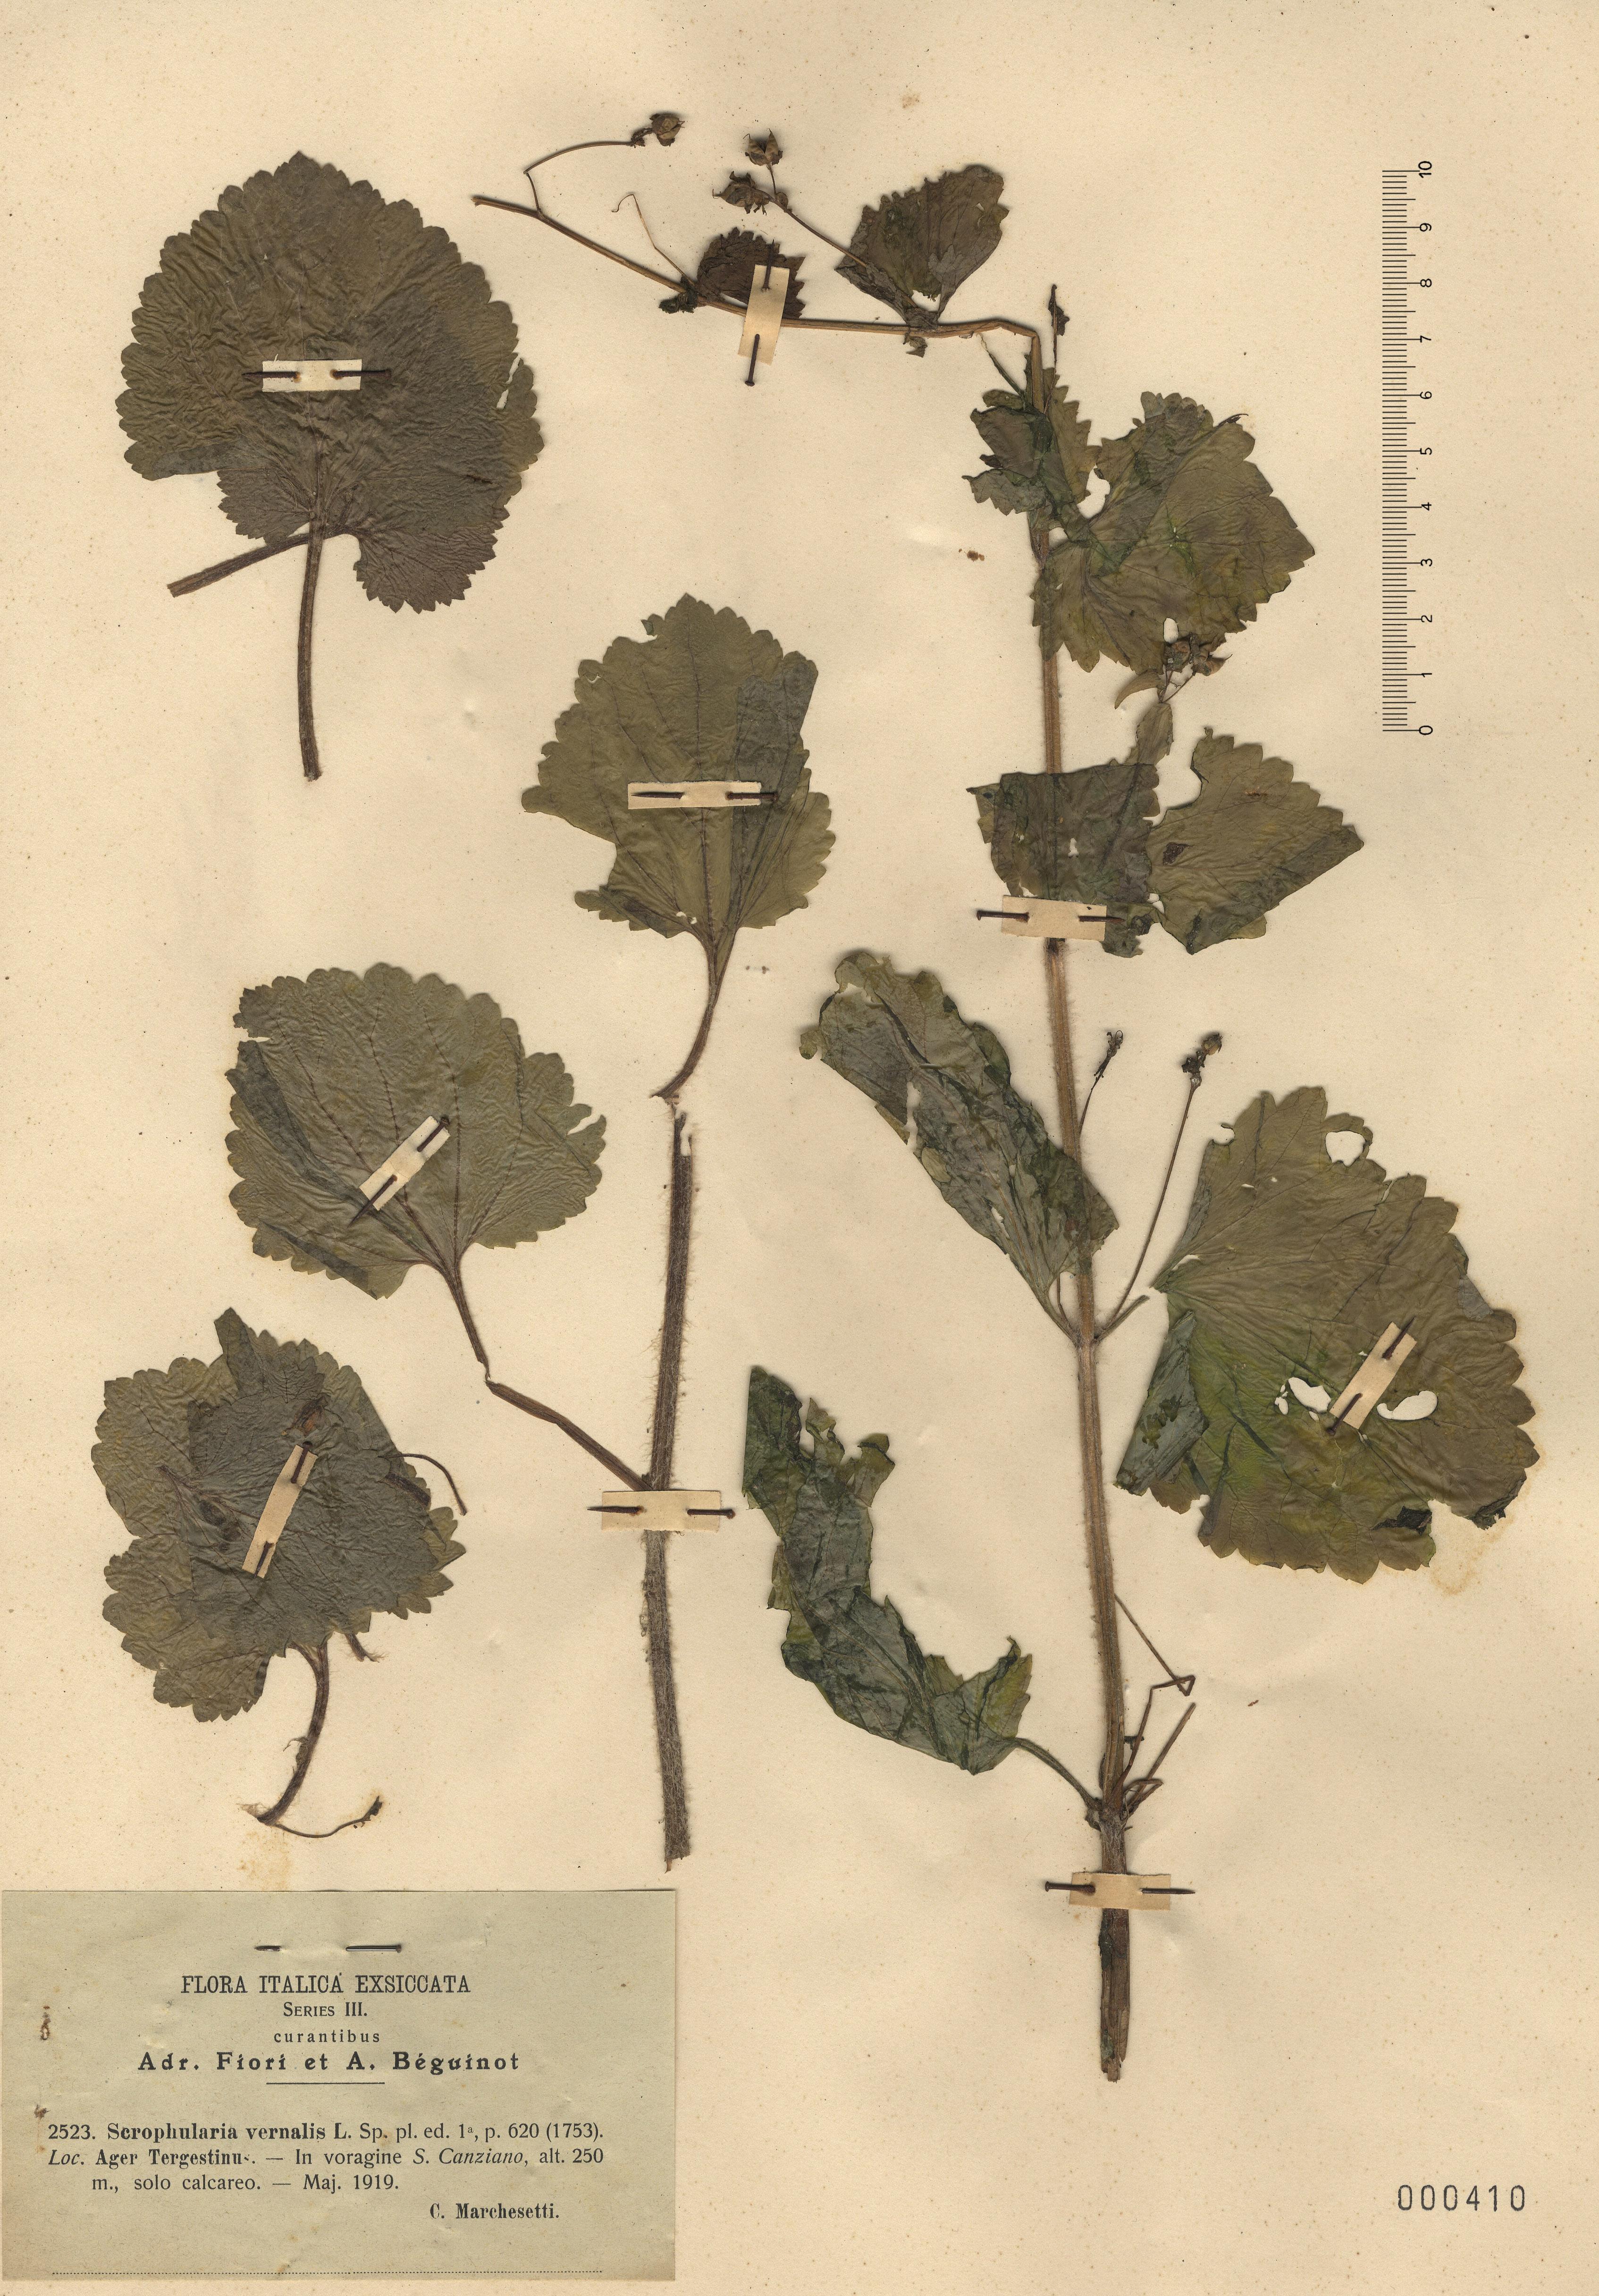 © Hortus Botanicus Catinensis - Herb. sheet 000410<br>